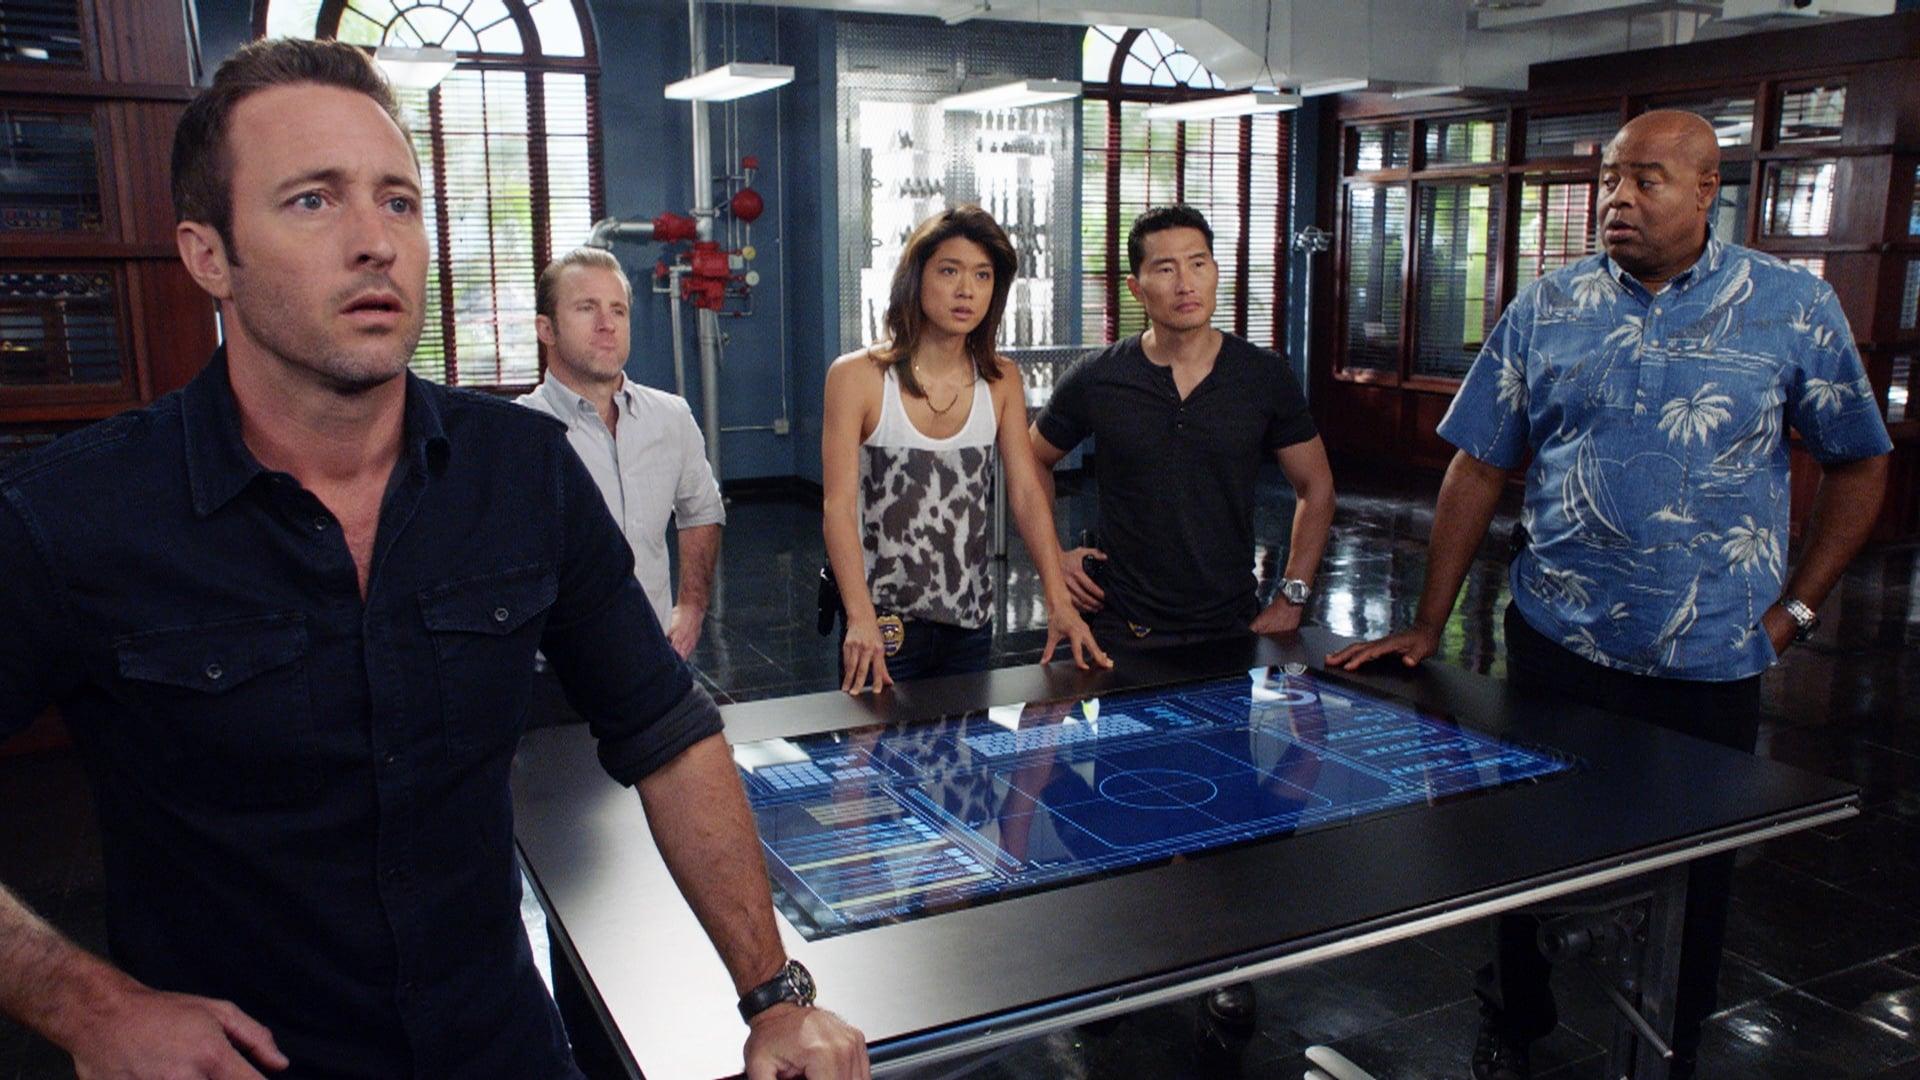 Hawaii Five-0 - Season 7 Episode 17 : Hahai i nā pilikua nui (Hunting Monsters)